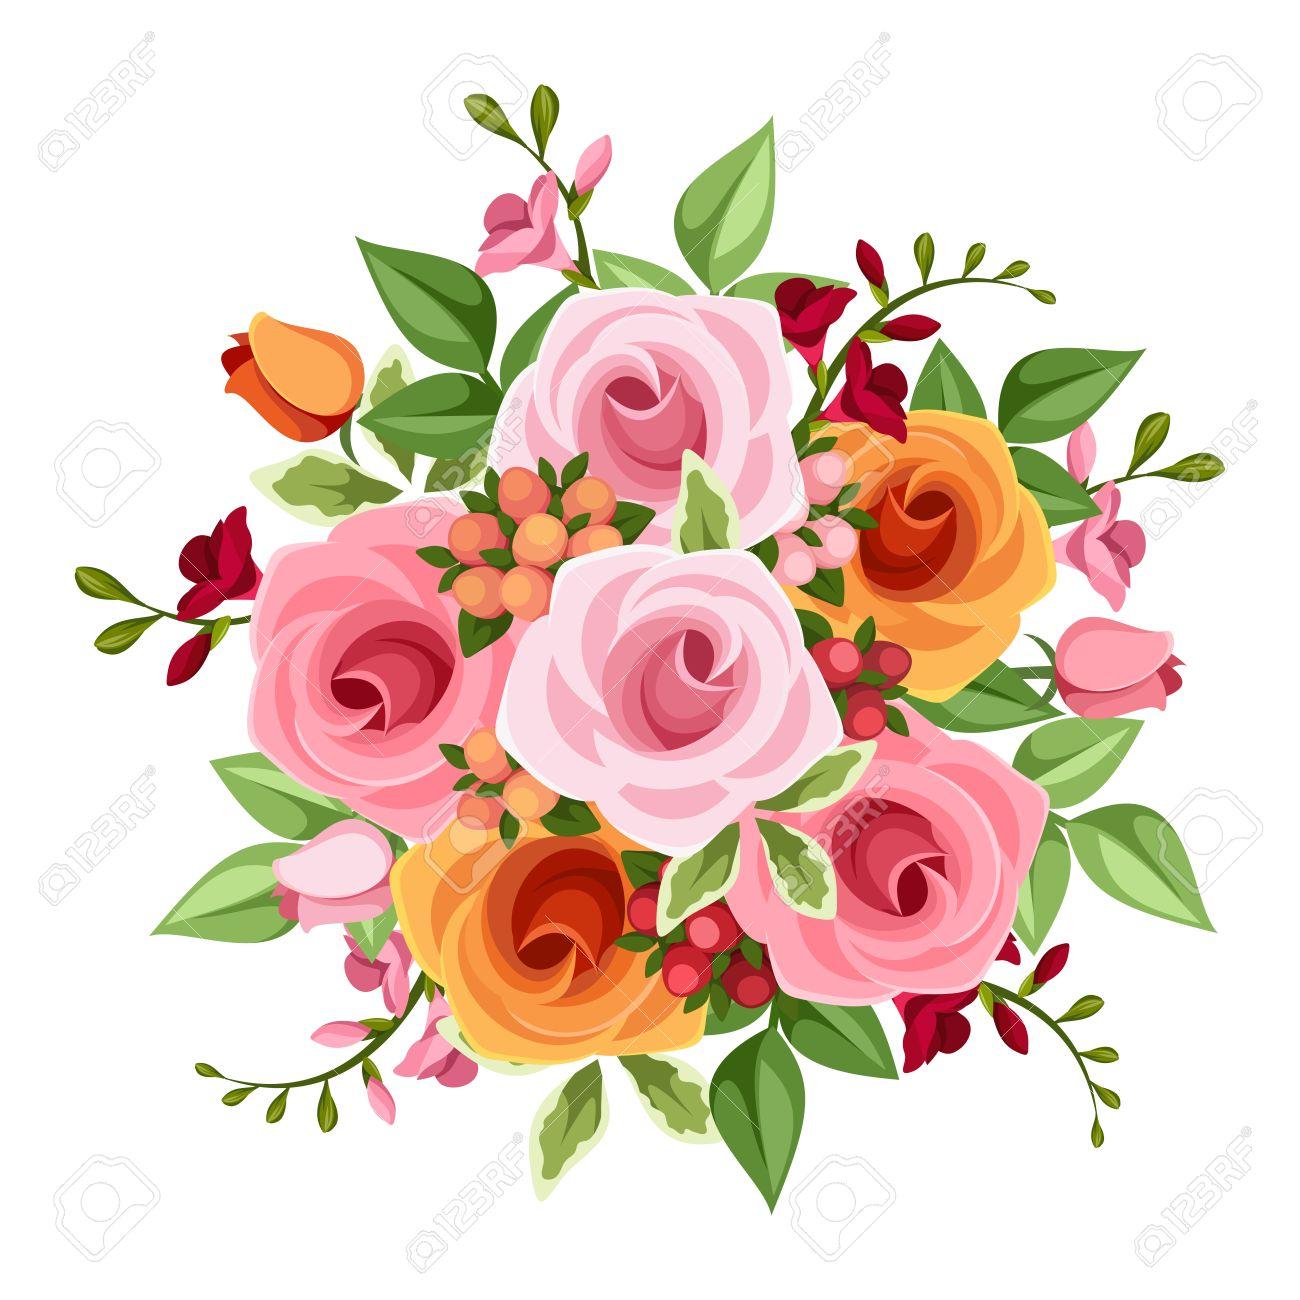 バラの花束とフリージアの花のイラスト素材ベクタ Image 36487747